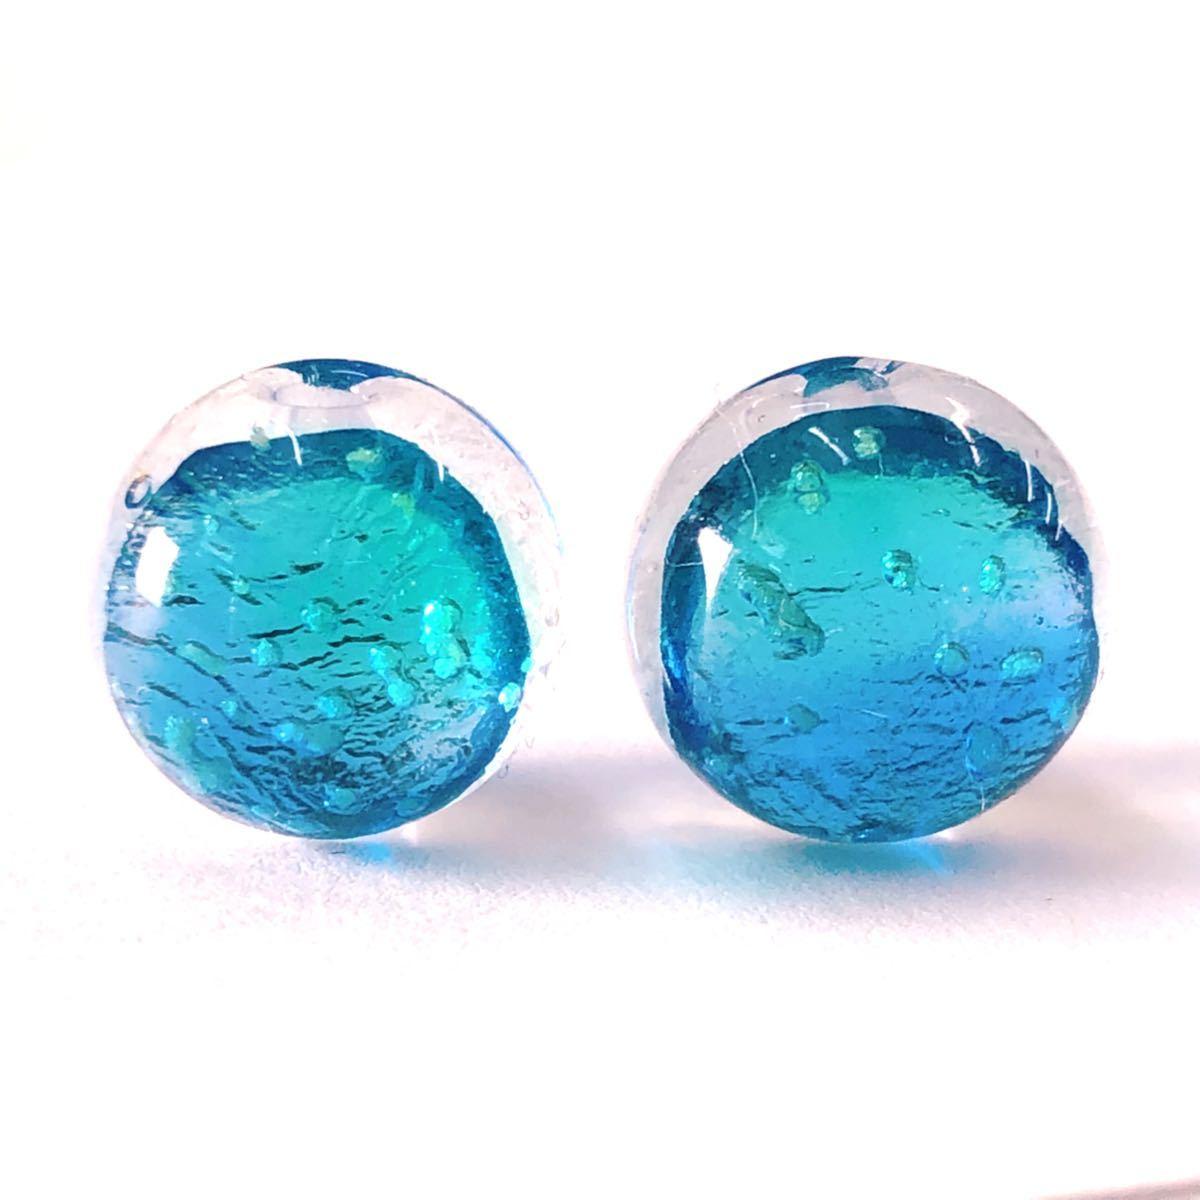 蓄光 ホタルガラス 12mm 連売り ブレスレット2本分 33粒 沖縄とんぼ玉  カビラブルー